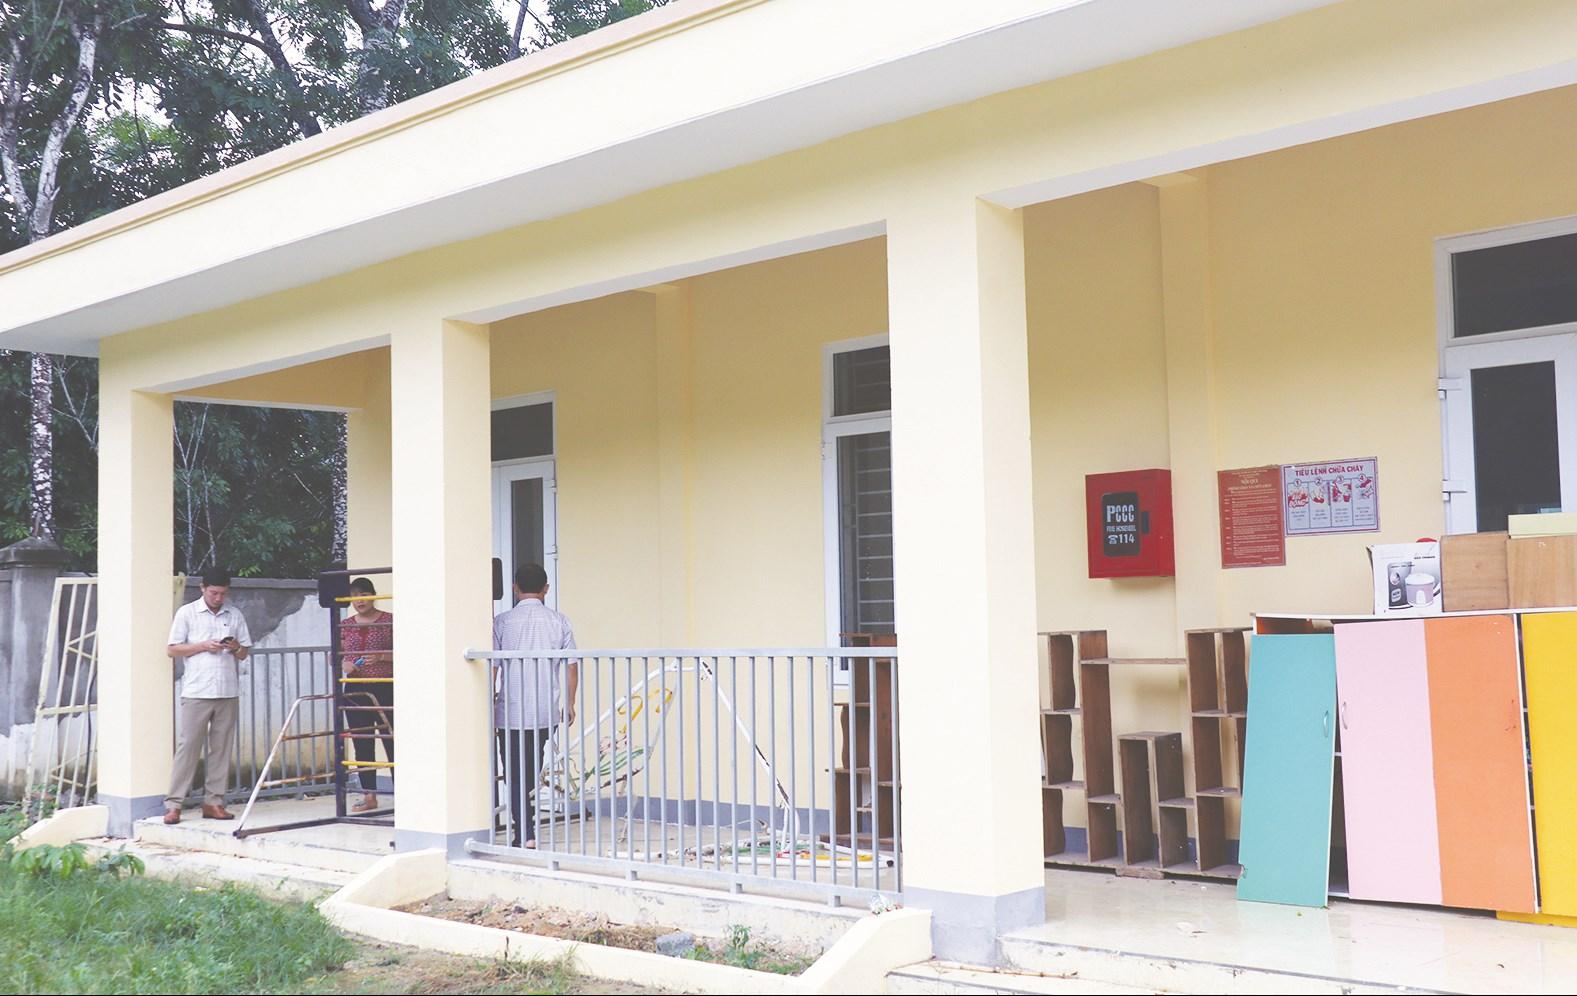 Điểm trường mầm non bản Tam Liên, xã Tam Quang vẫn cửa đóng then cài vì còn nhiều hạng mục phải sửa chữa, bổ sung